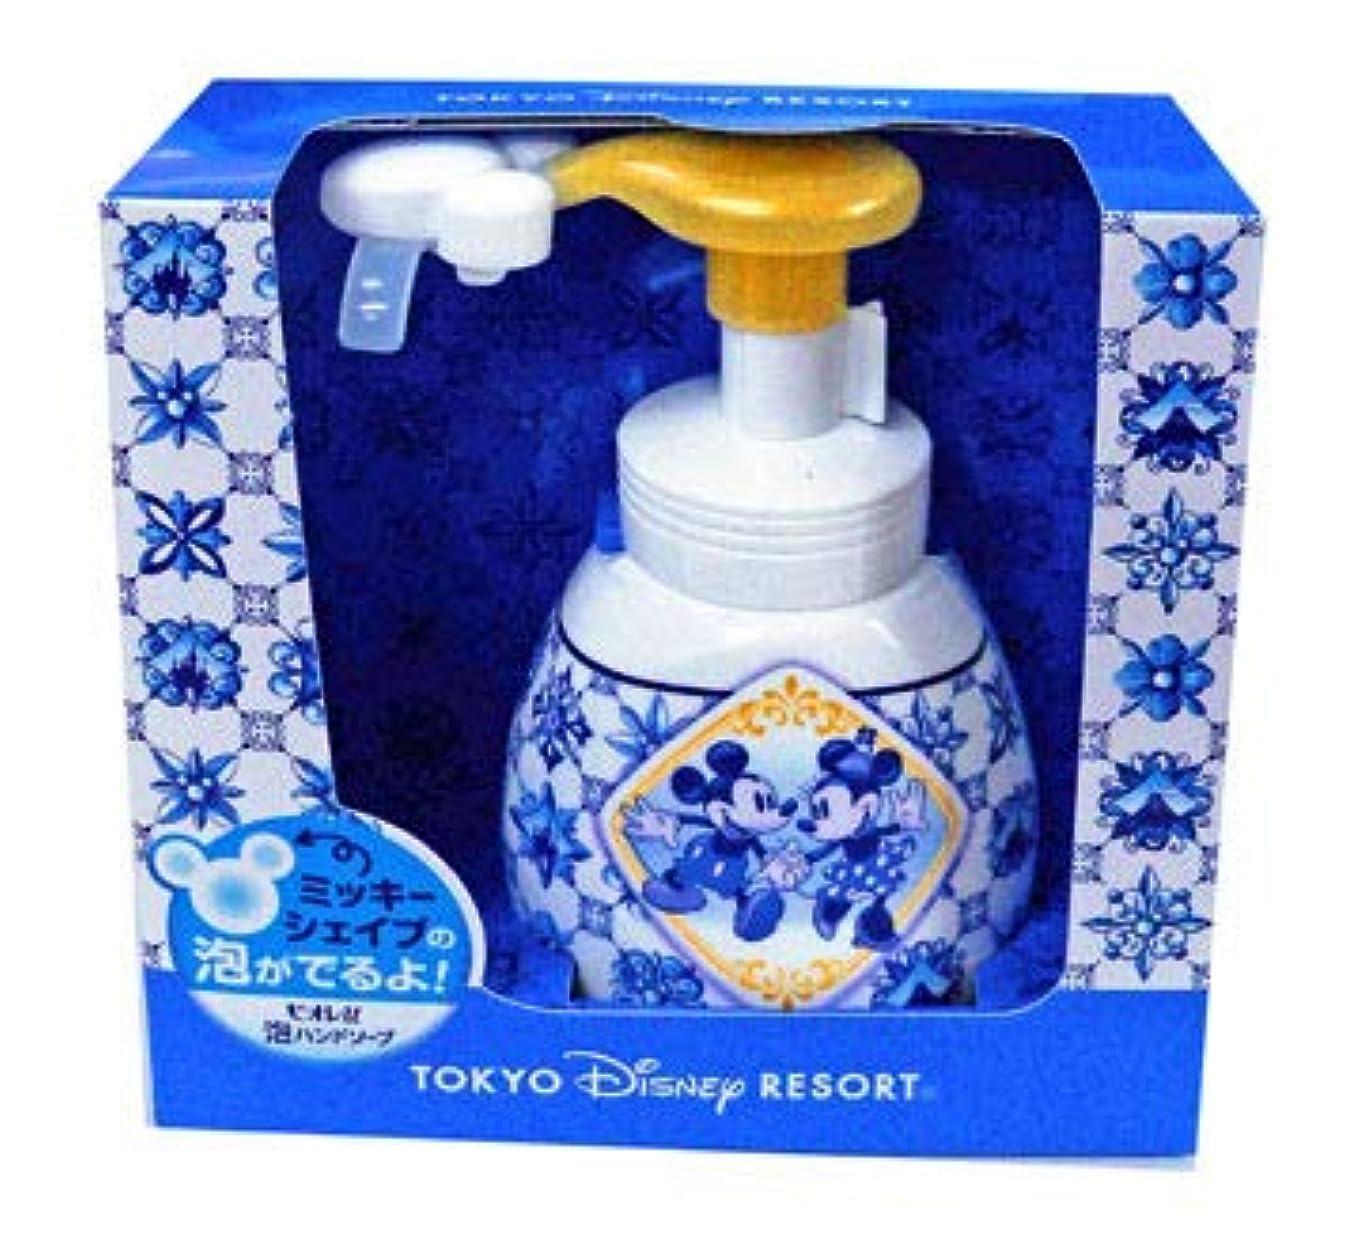 最愛のスタジオトーク泡ハンドソープ(新デザイン) 東京ディズニーリゾート ミッキーとミニー柄  おみやげ